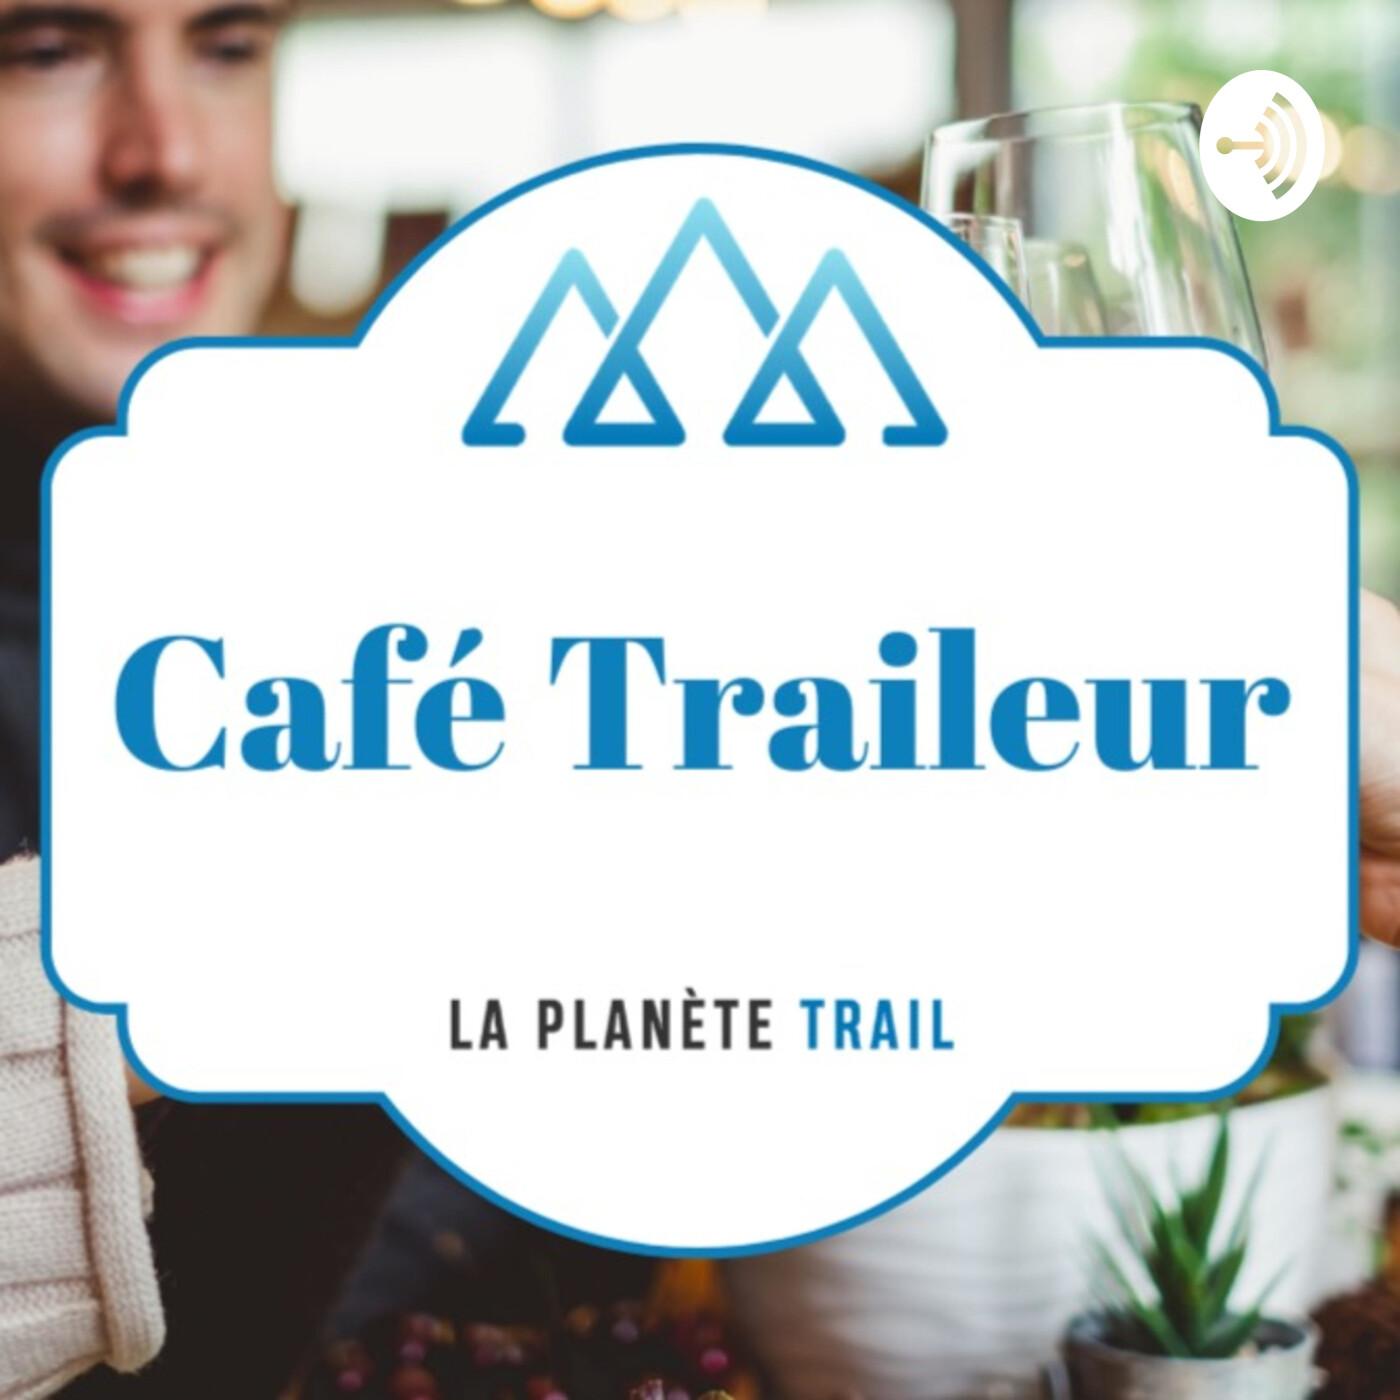 #17 Trail The World - Les Traileurs voyageurs qui vous emmèneront où vous voulez